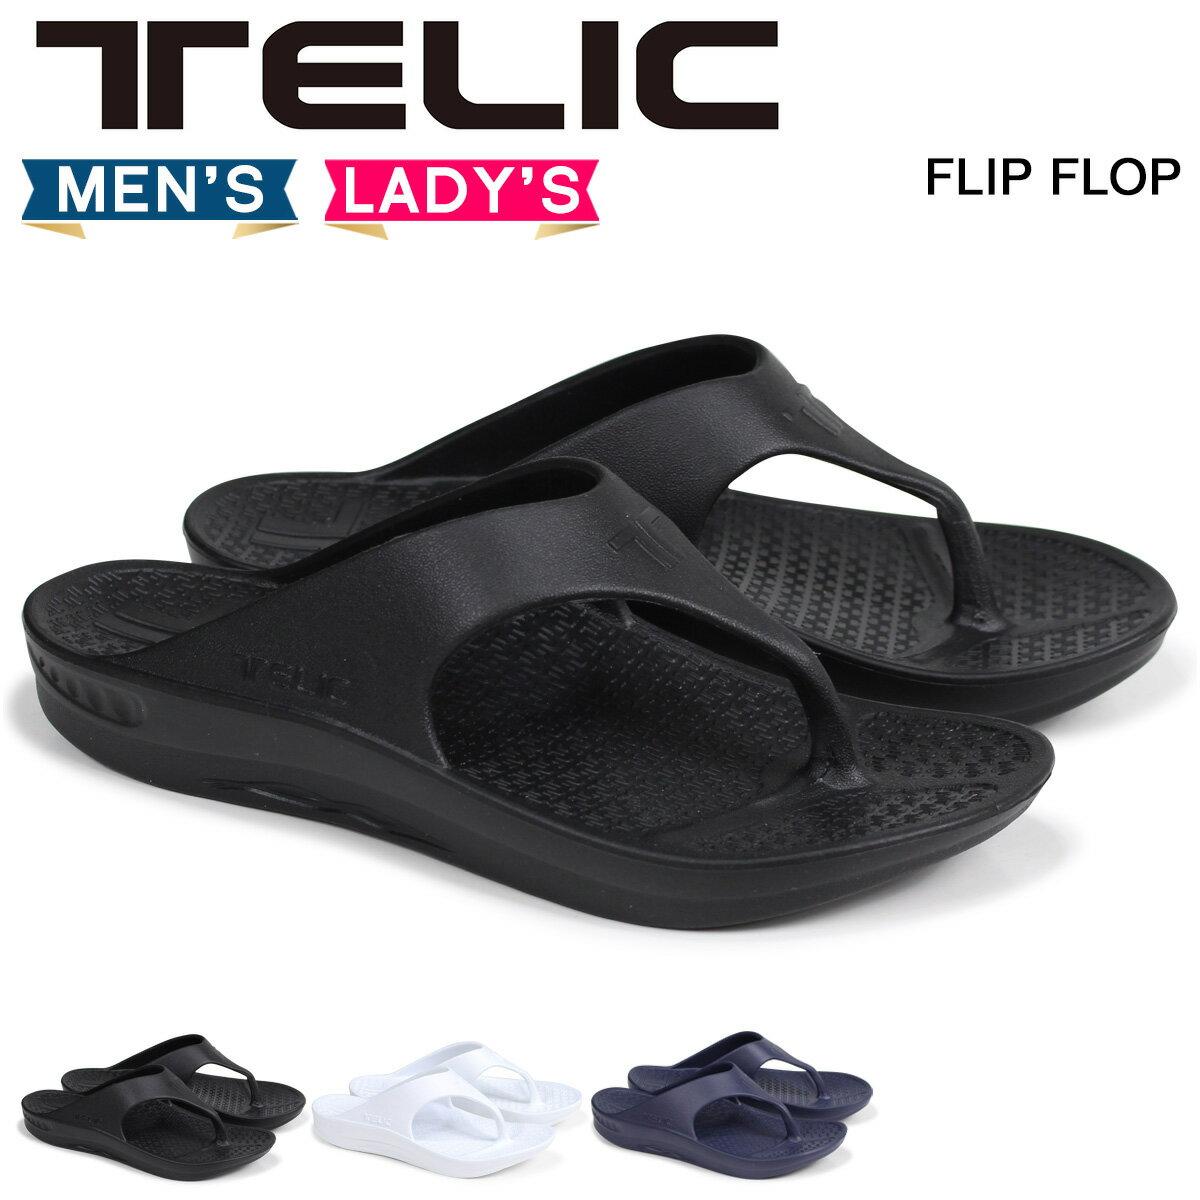 テリック TELIC サンダル コンフォートサンダル メンズ レディース フリップフロップ FLIP FLOP ブラック ホワイト ネイビー